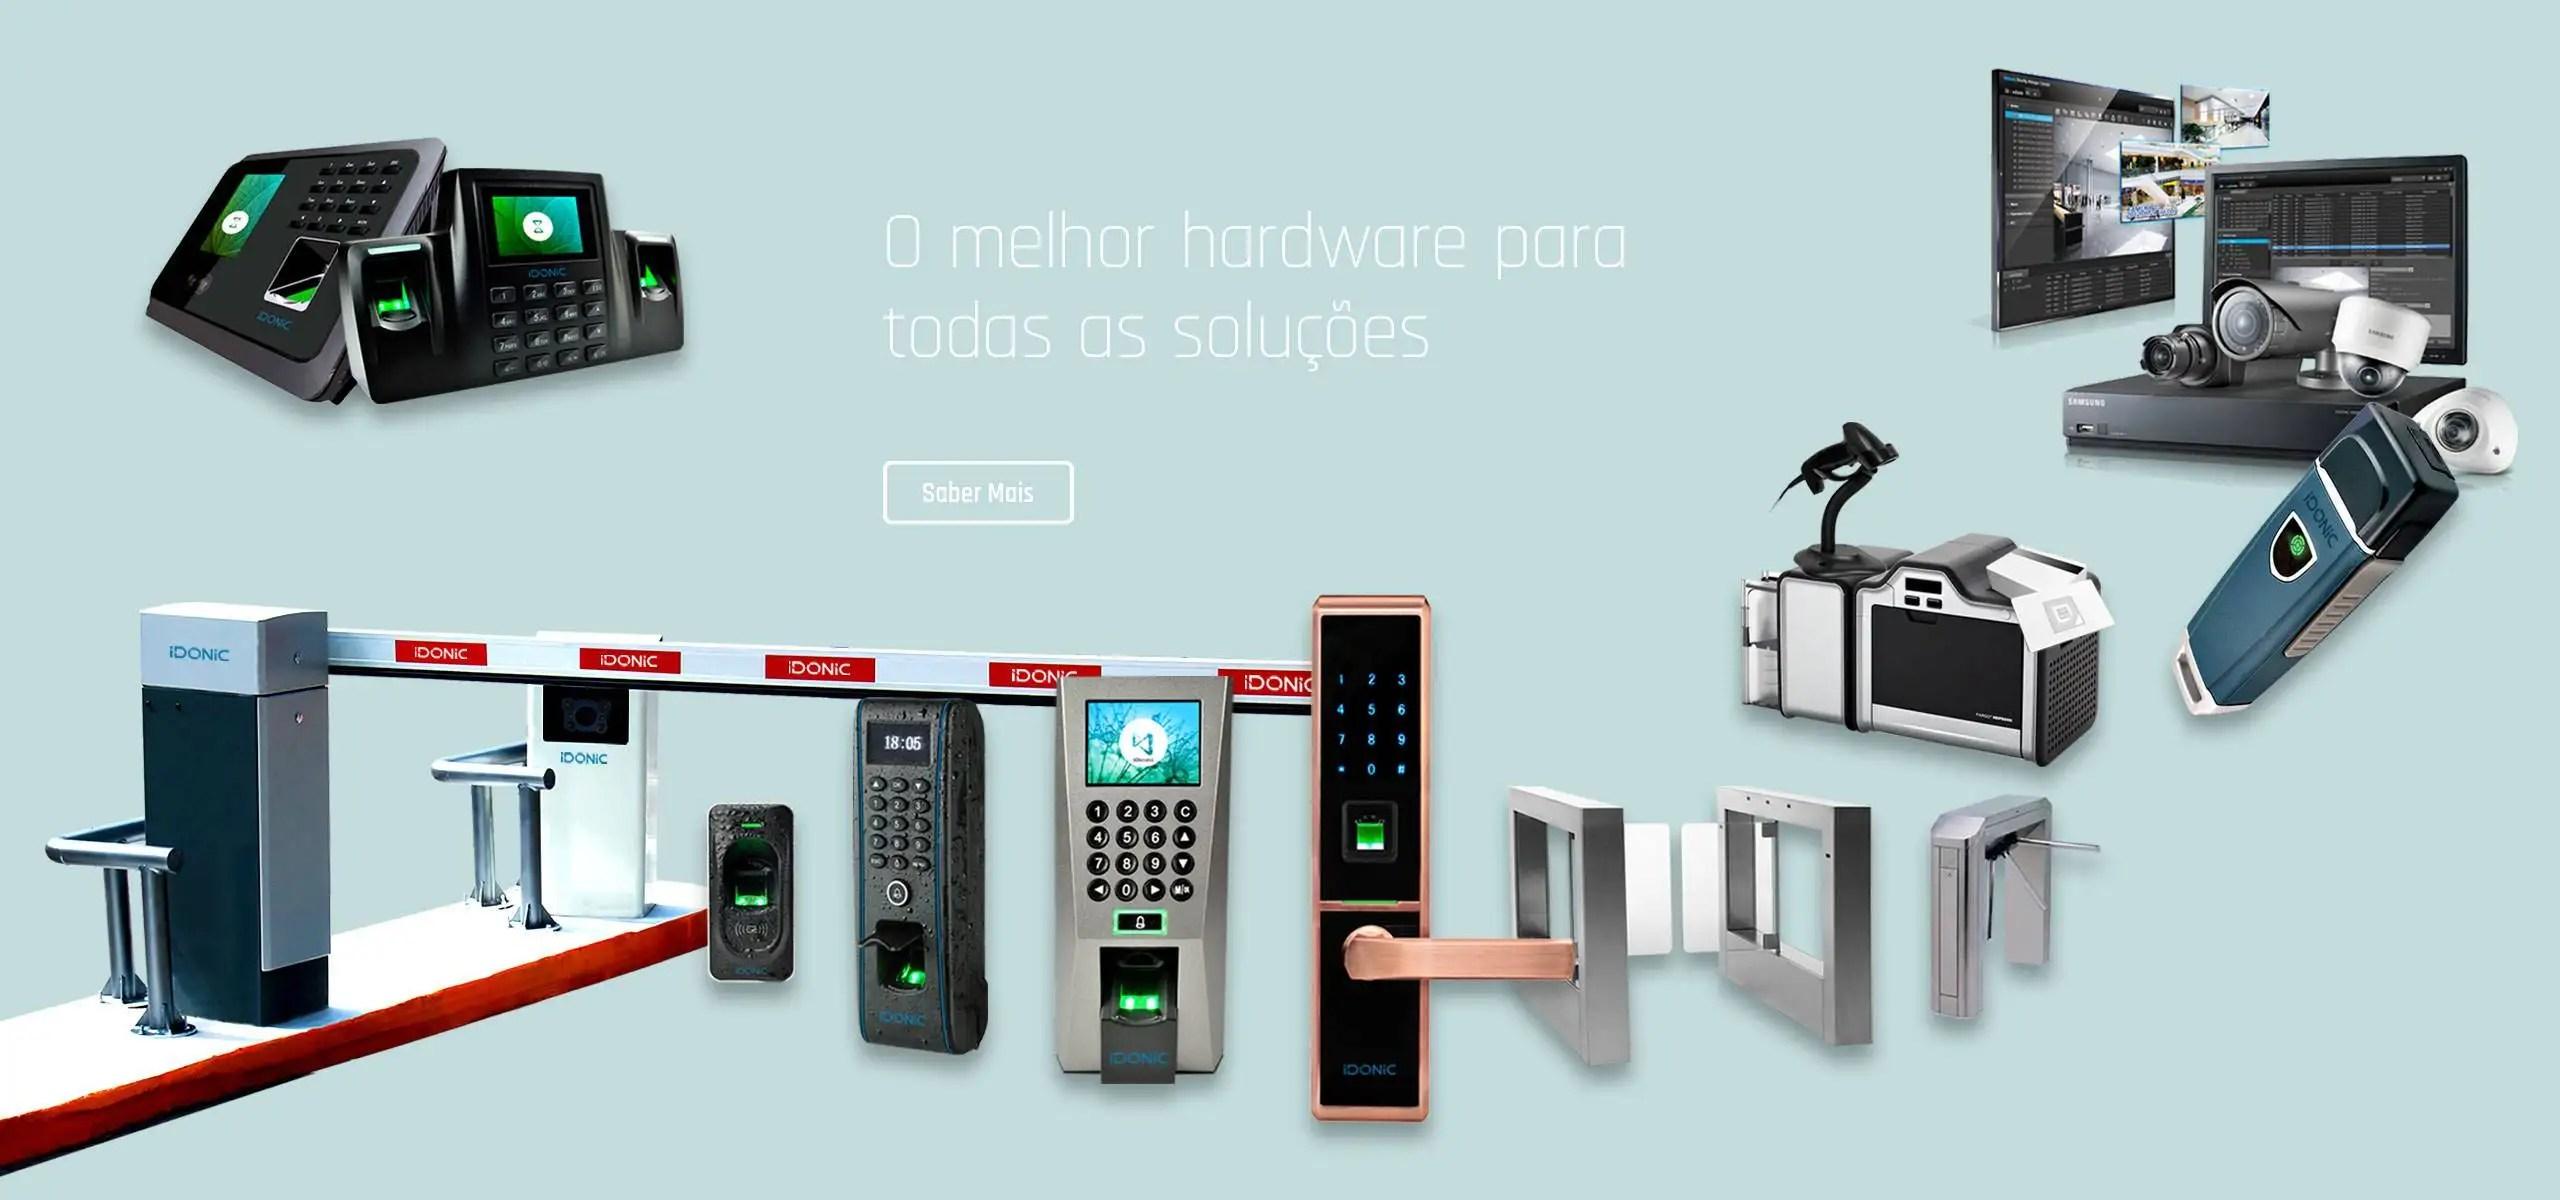 Relógio de Ponto | IDONIC | Terminais de Acesso | Terminais de Assiduidade | Controlo de Acessos | Controlo de Assiduidade